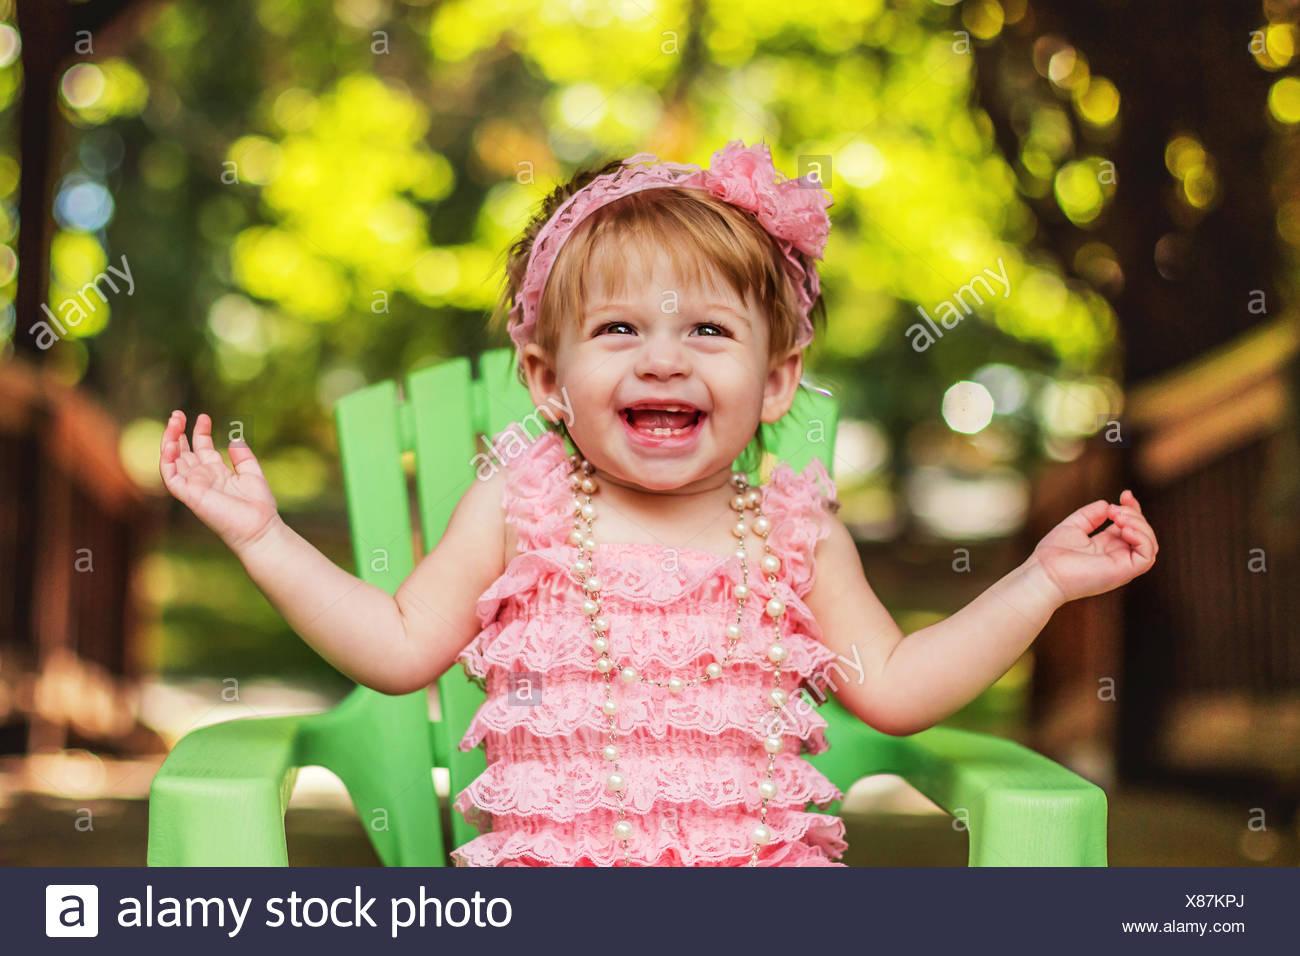 Glückliches Mädchen in einem Partykleid sitzen im Gartenstuhl lachen Stockbild